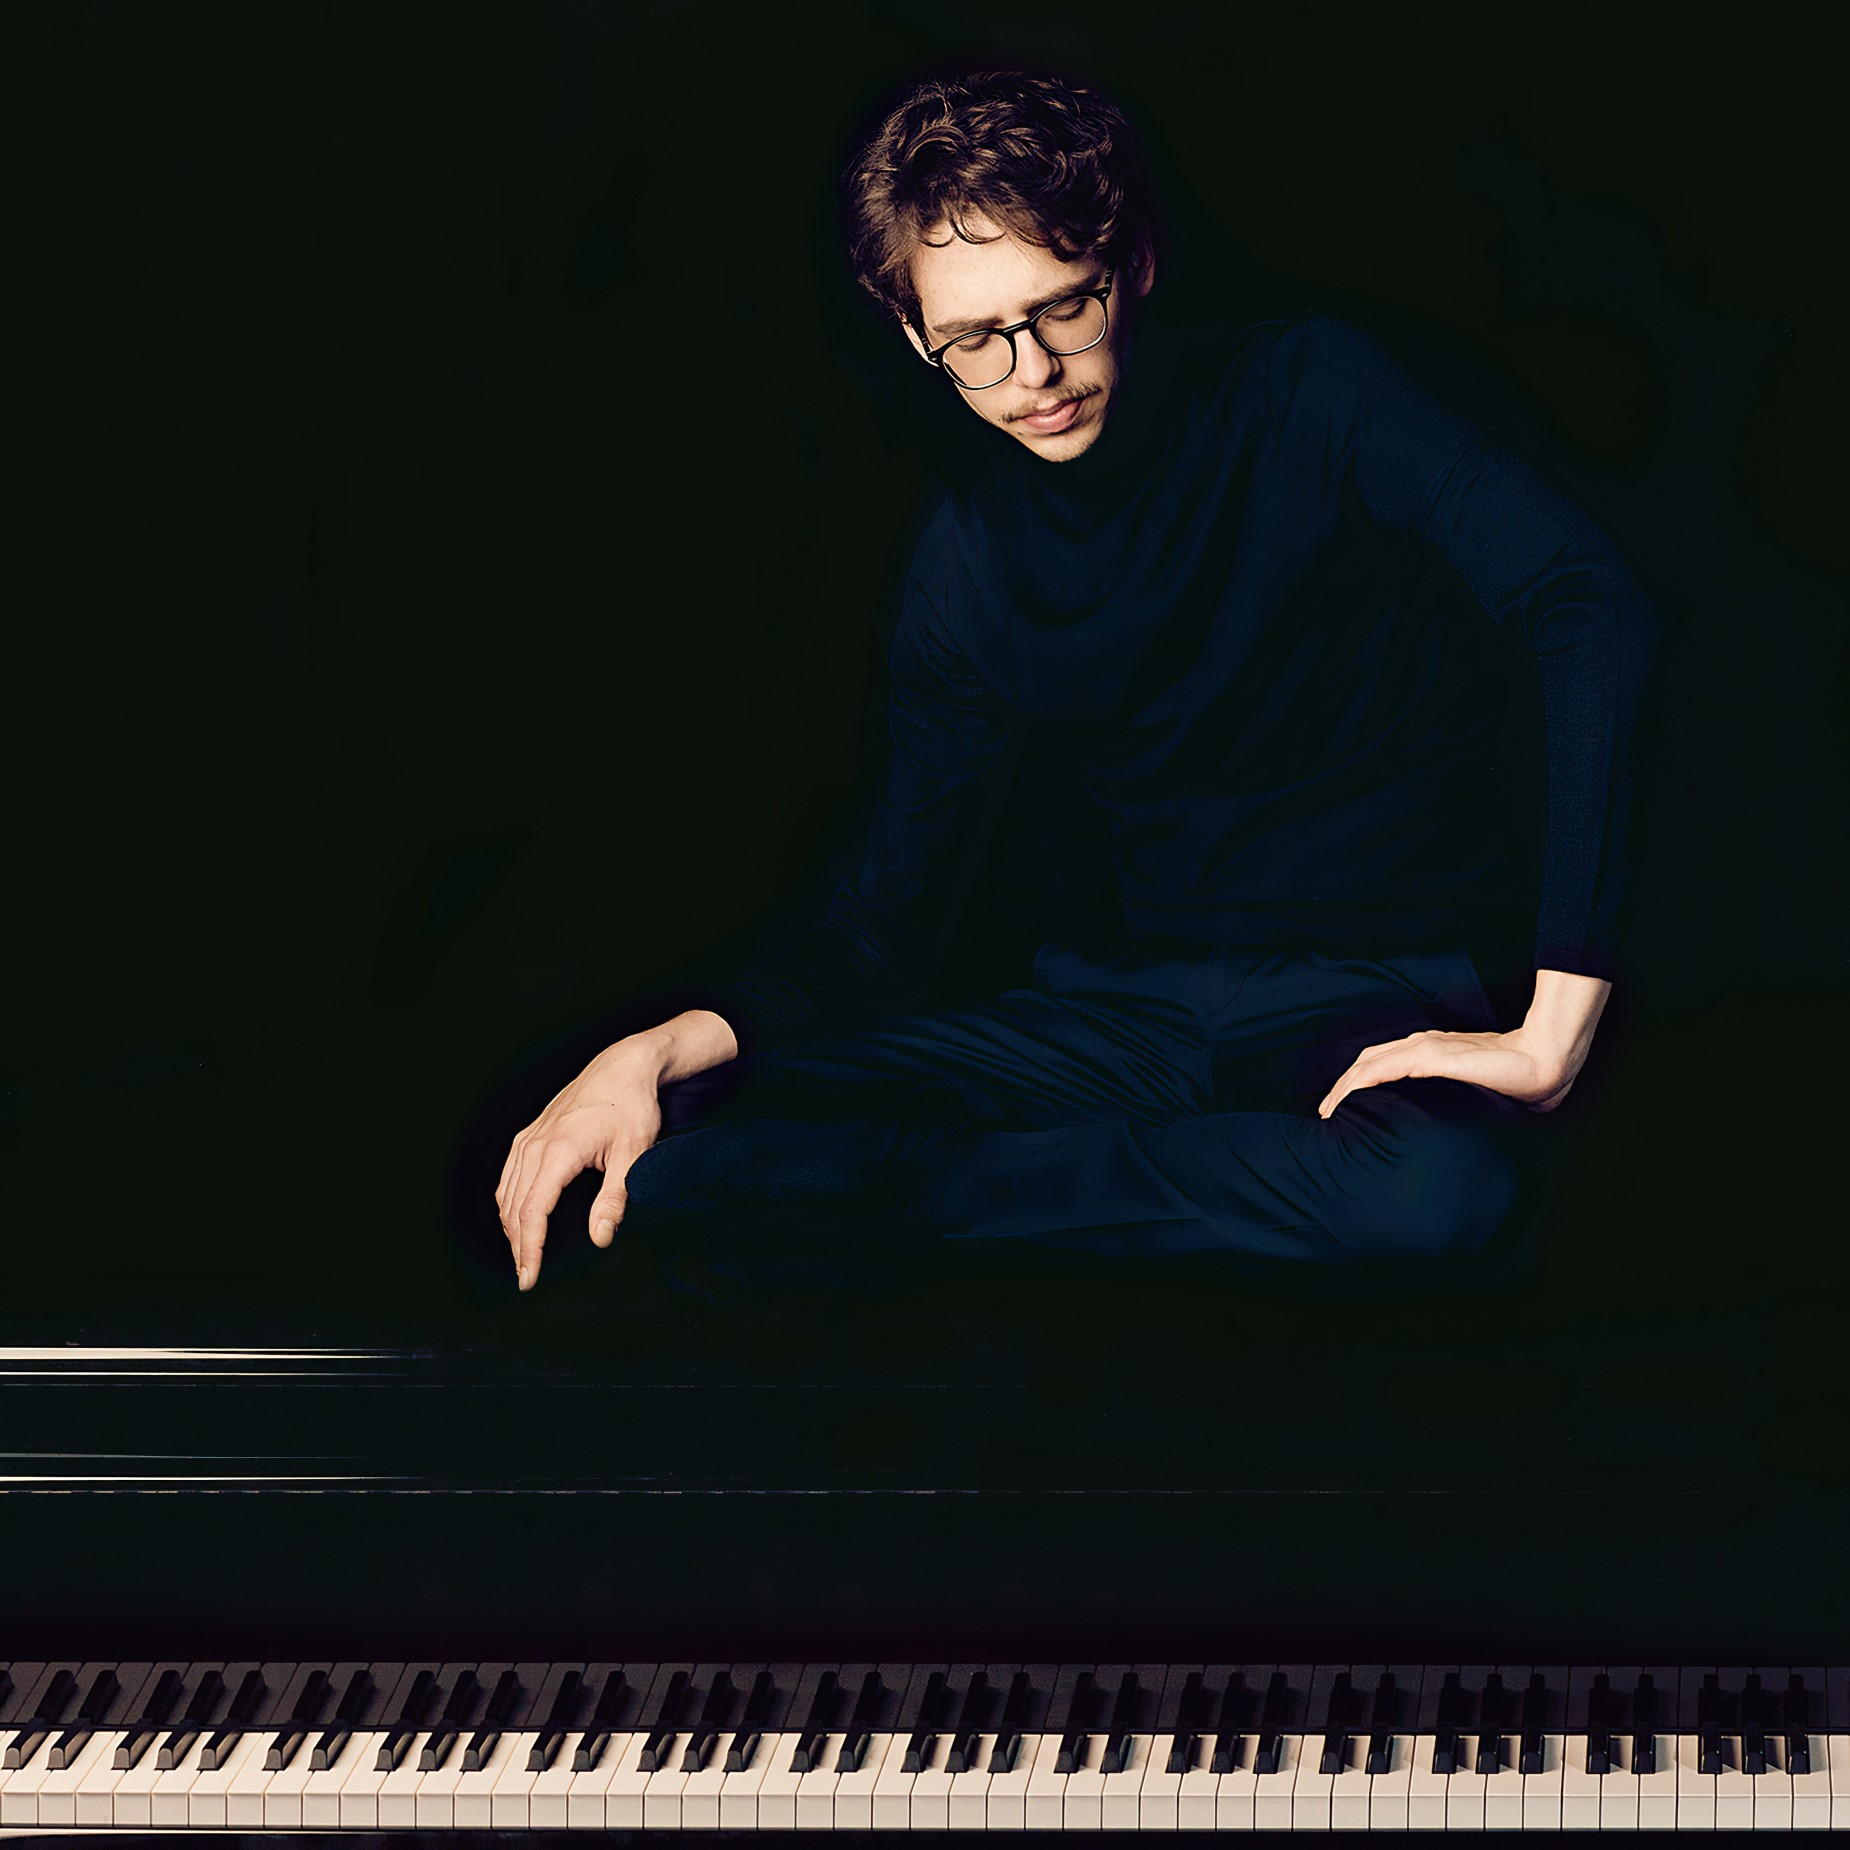 Debargue pianist piano French Scarlatti artist musician performer